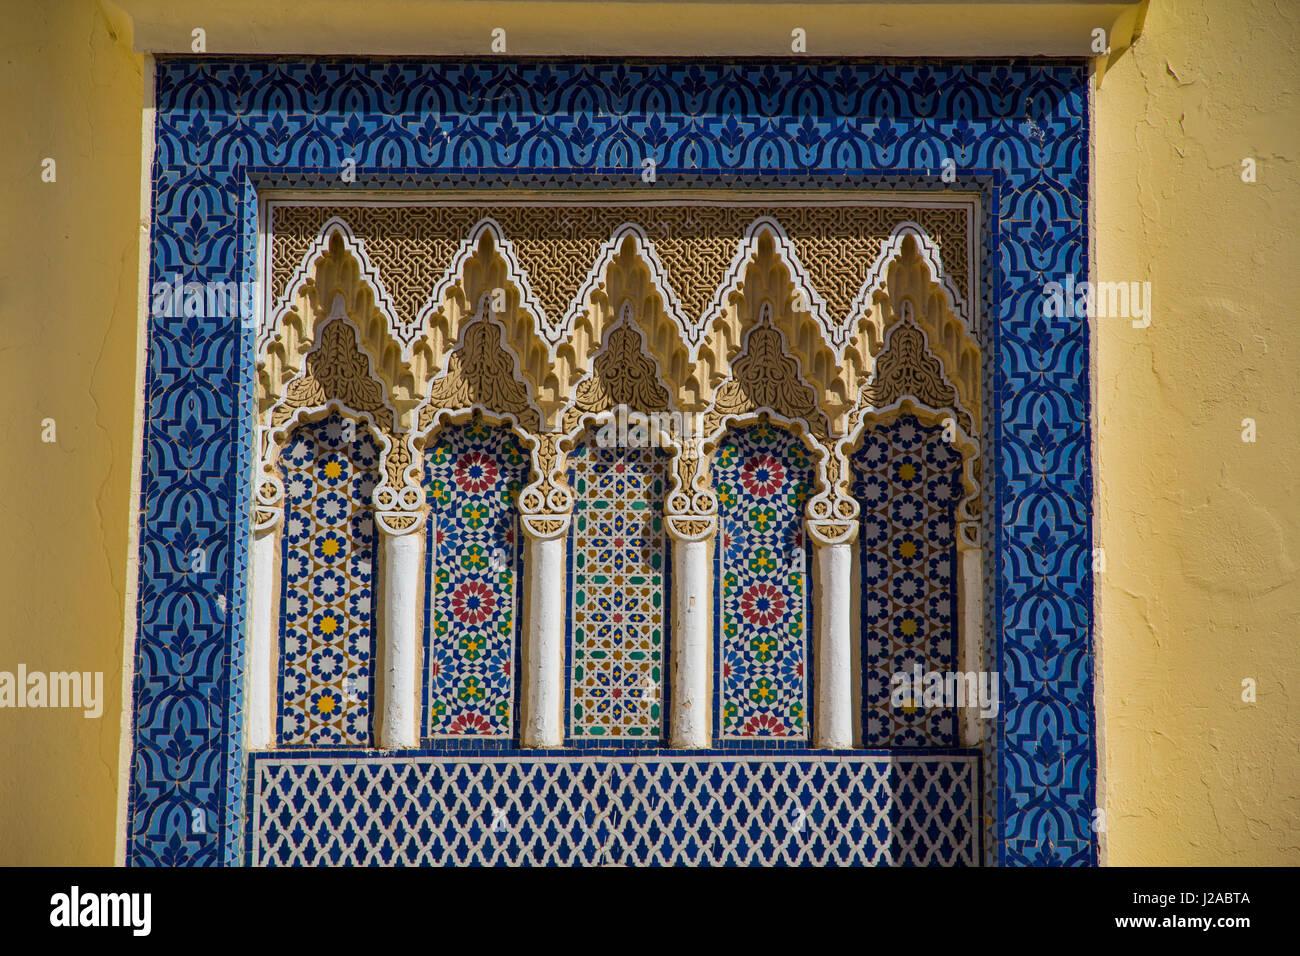 Il marocco fes medina piastrelle in marocco sono anche